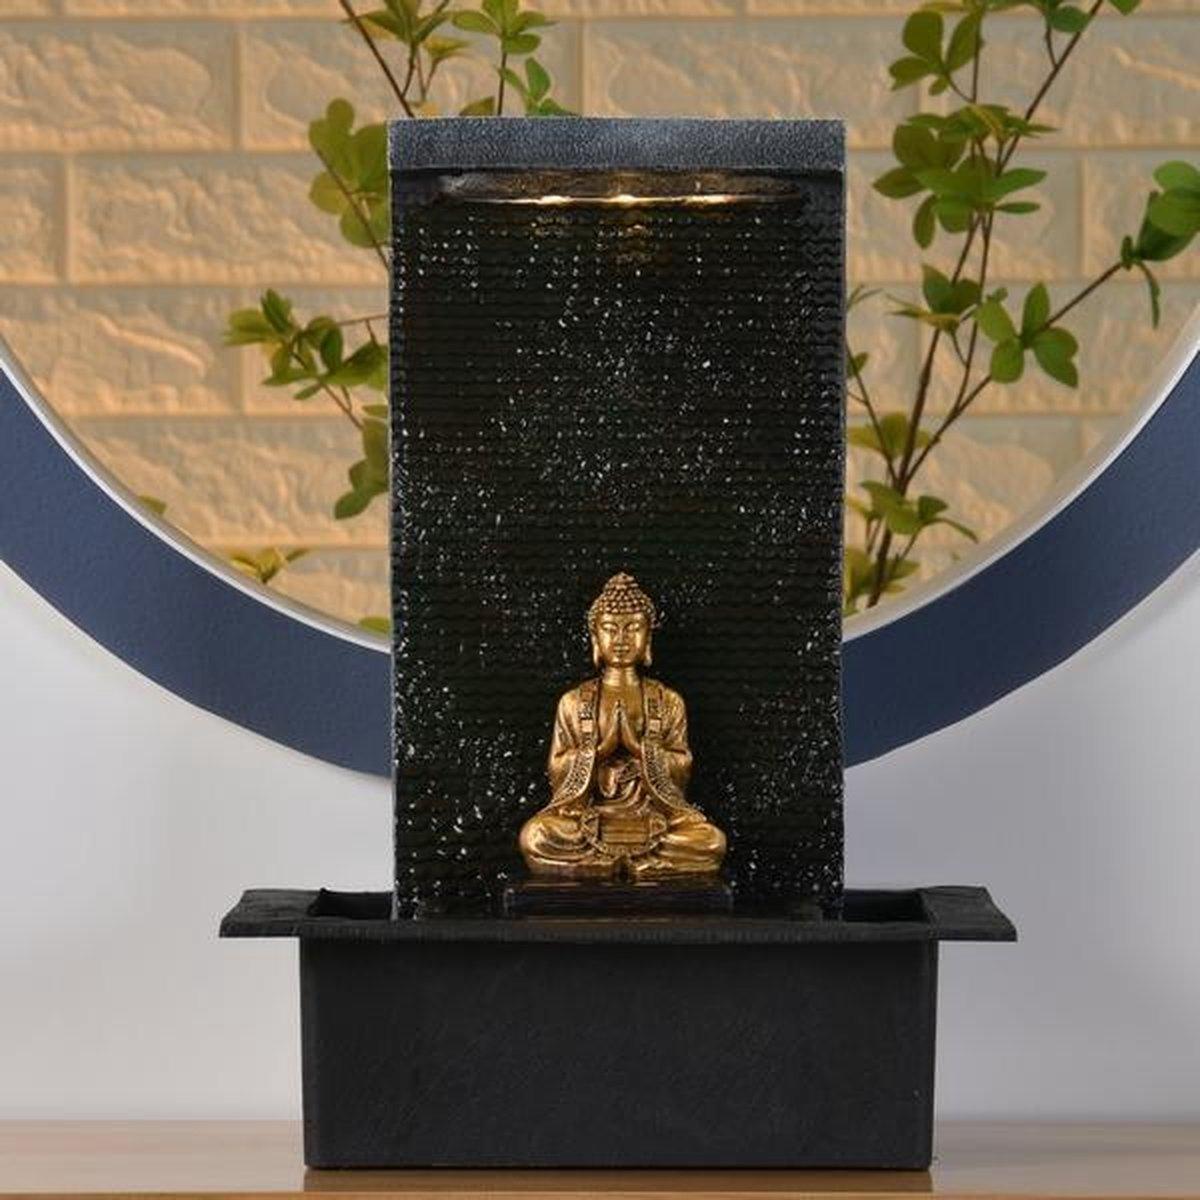 Boeddha Zenitude Relax - fontein - interieur - fontein voor binnen - relaxeer - zen - waterornament - cadeau - geschenk - relatiegeschenk - origineel - lente - zomer - lentecollectie - zomercollectie - afkoeling - koelte